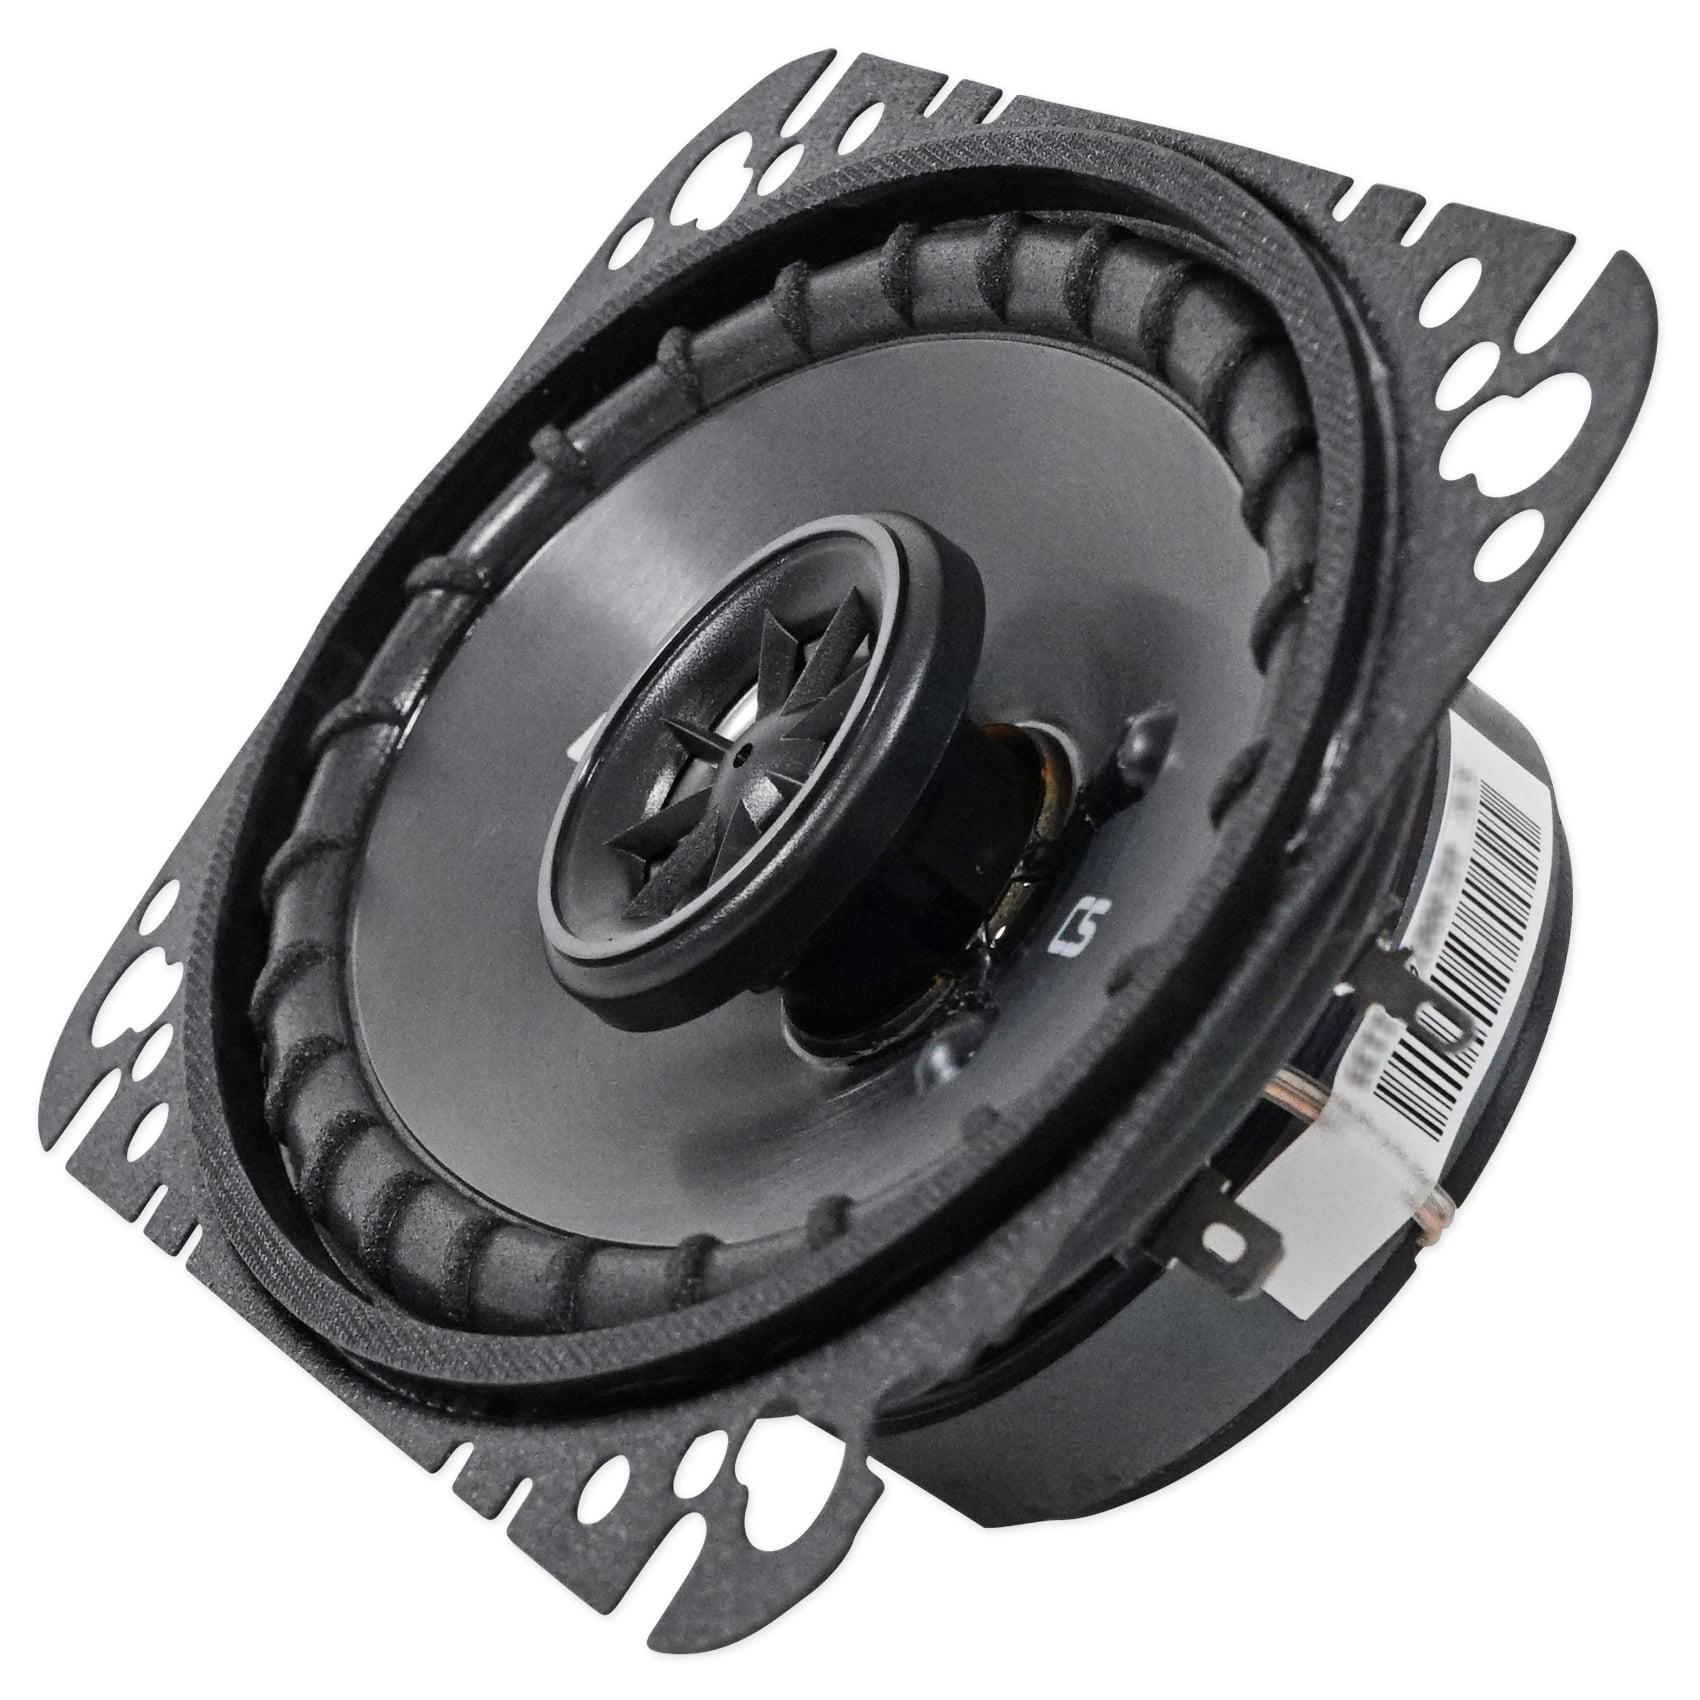 """KICKER 43CSC464 4/""""x6/"""" 4x6 600 Watt 4-Ohm 2-Way Car Audio Speakers CSC464 4"""